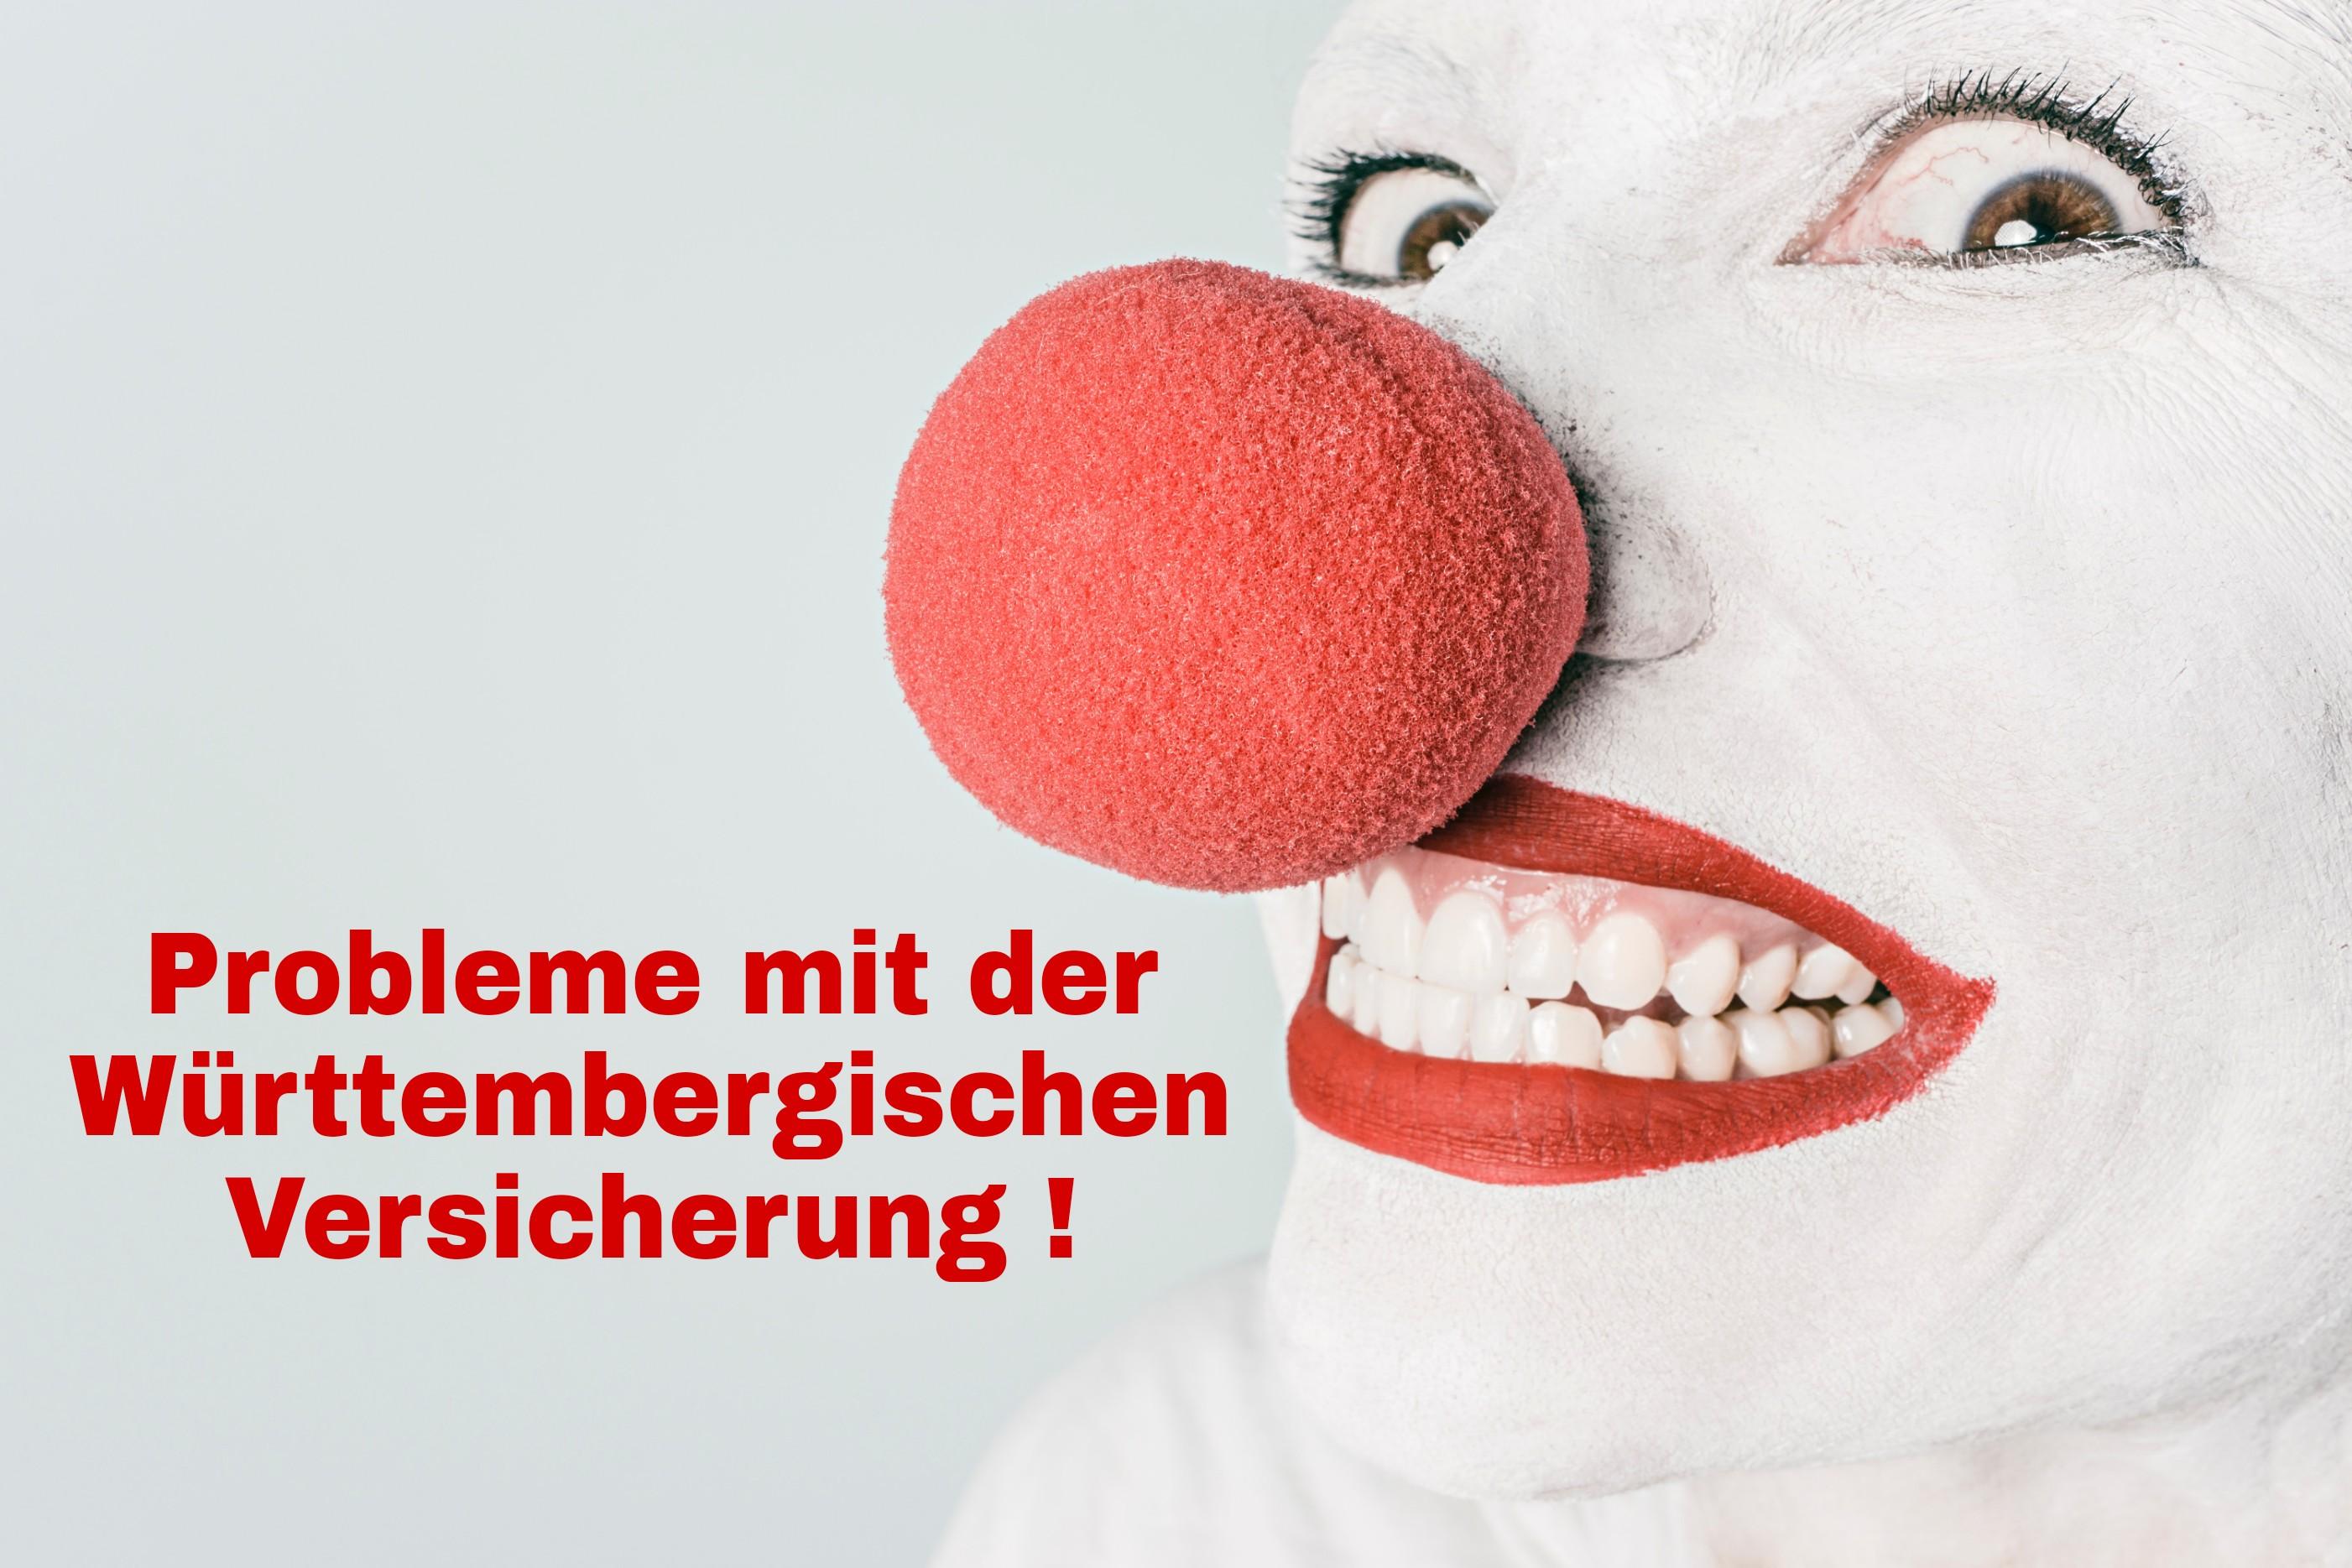 Probleme mit der Württembergischen Versicherung